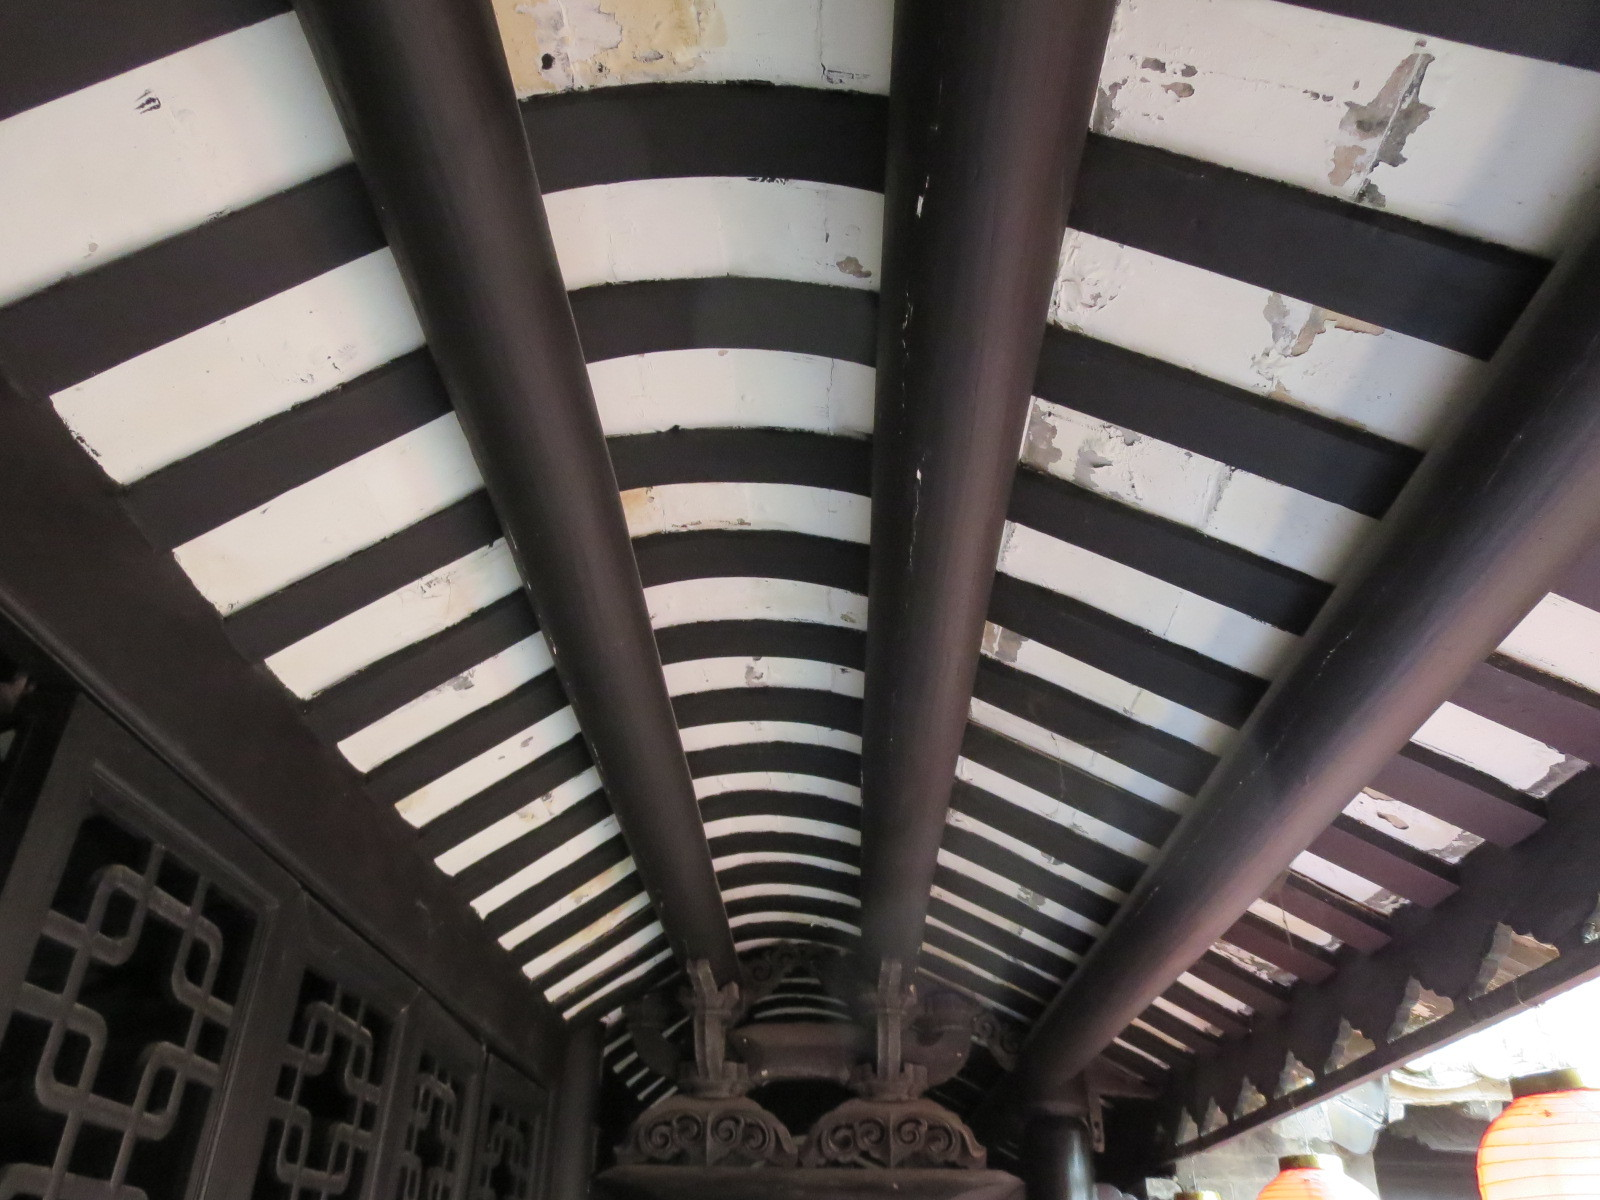 佛山市歴史的建築保存地区 林家_e0054299_16174369.jpg